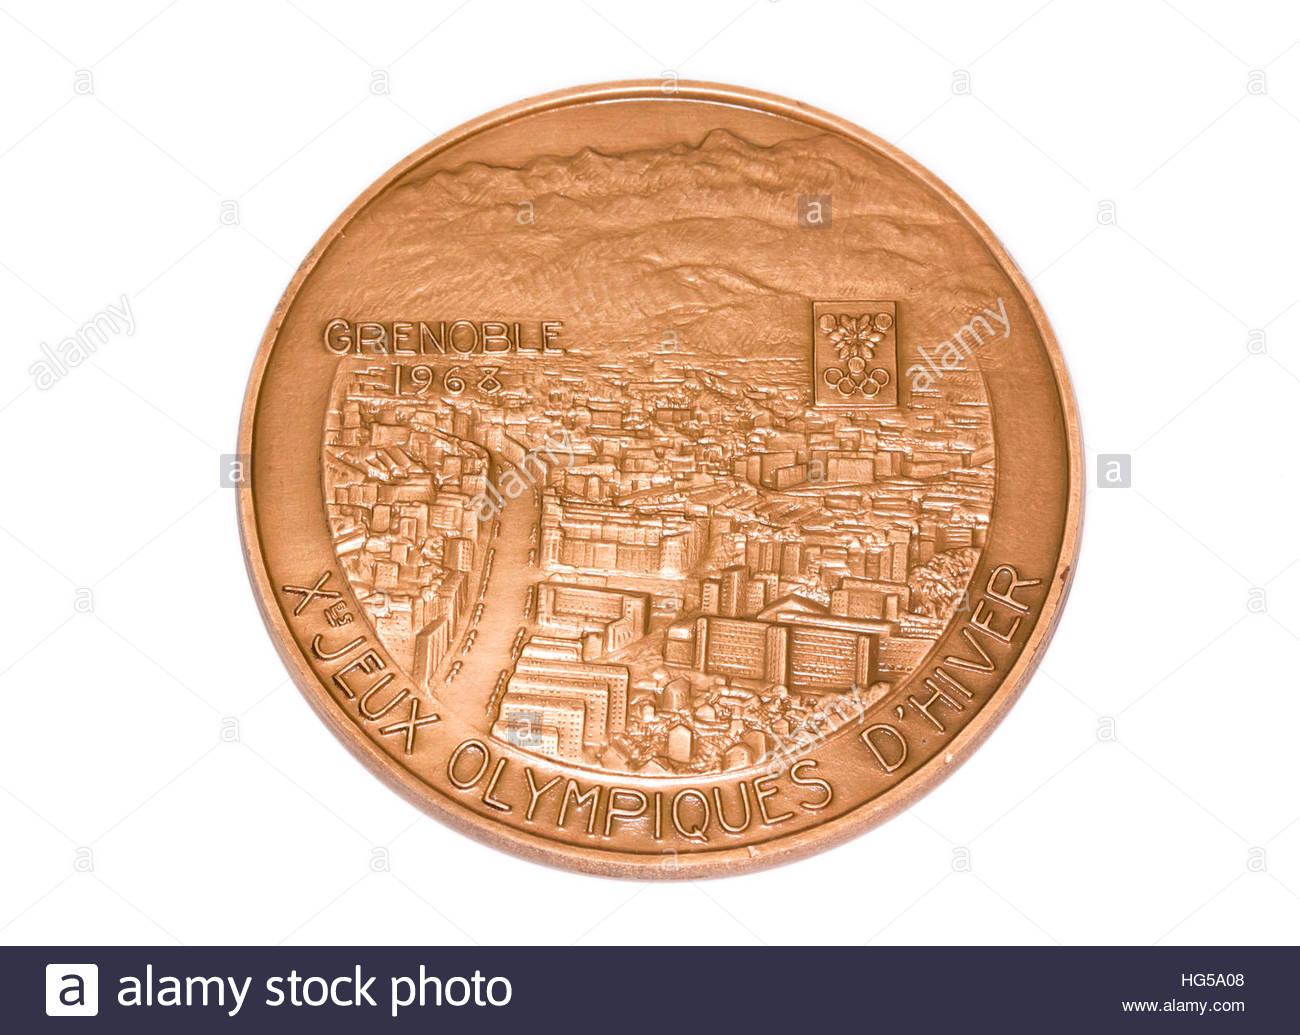 Los Juegos Olimpicos De Invierno De 1968 De Grenoble Medalla De